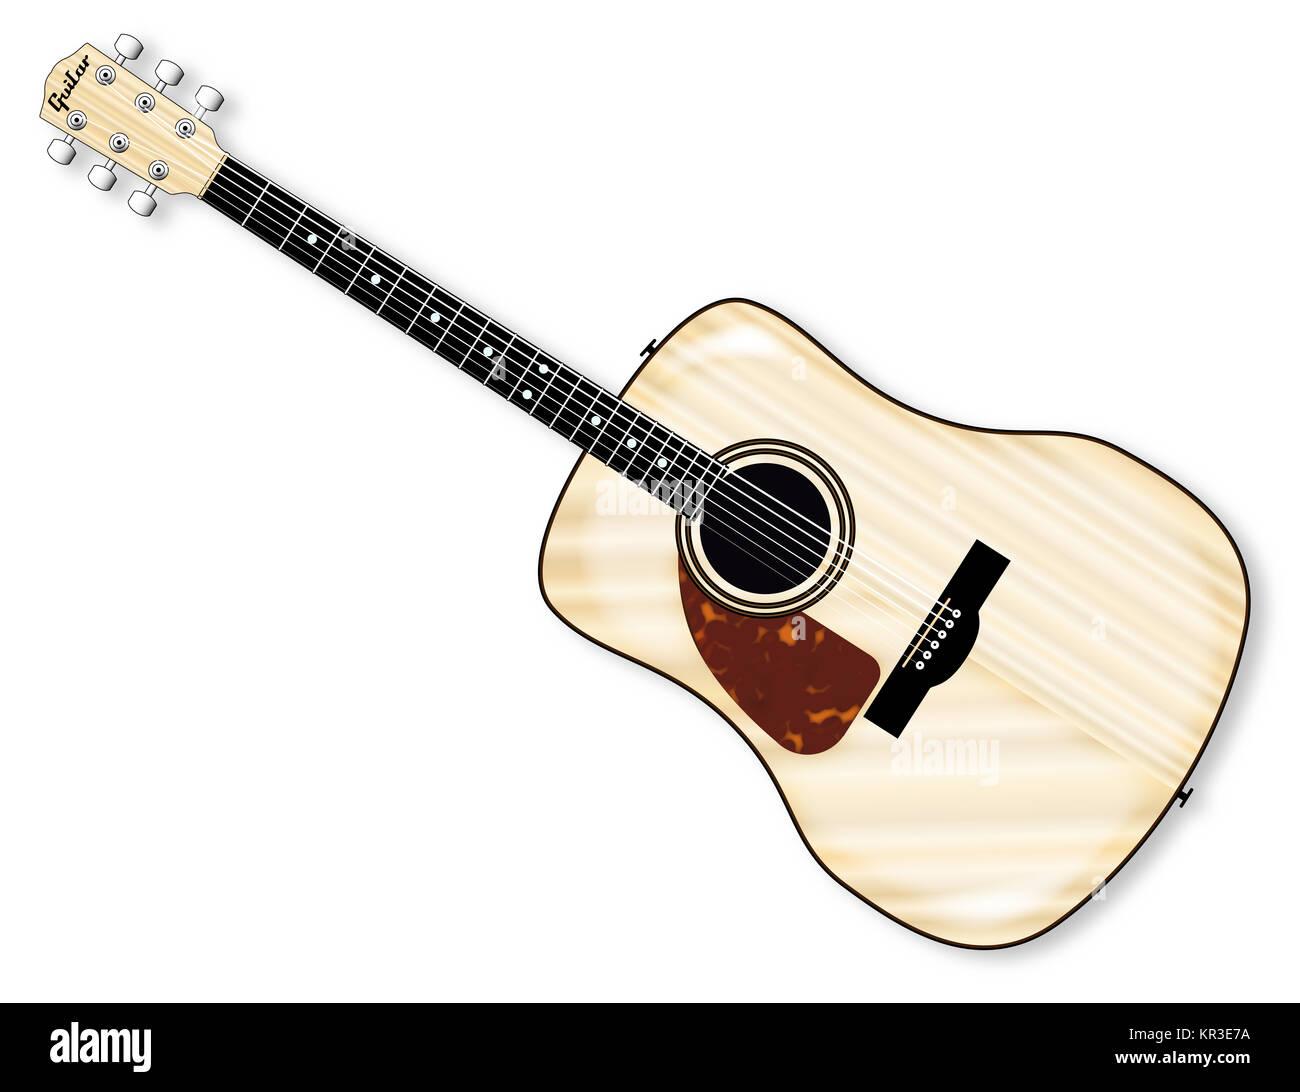 15 Struggles Only Left-Handed Guitarists Understand ...